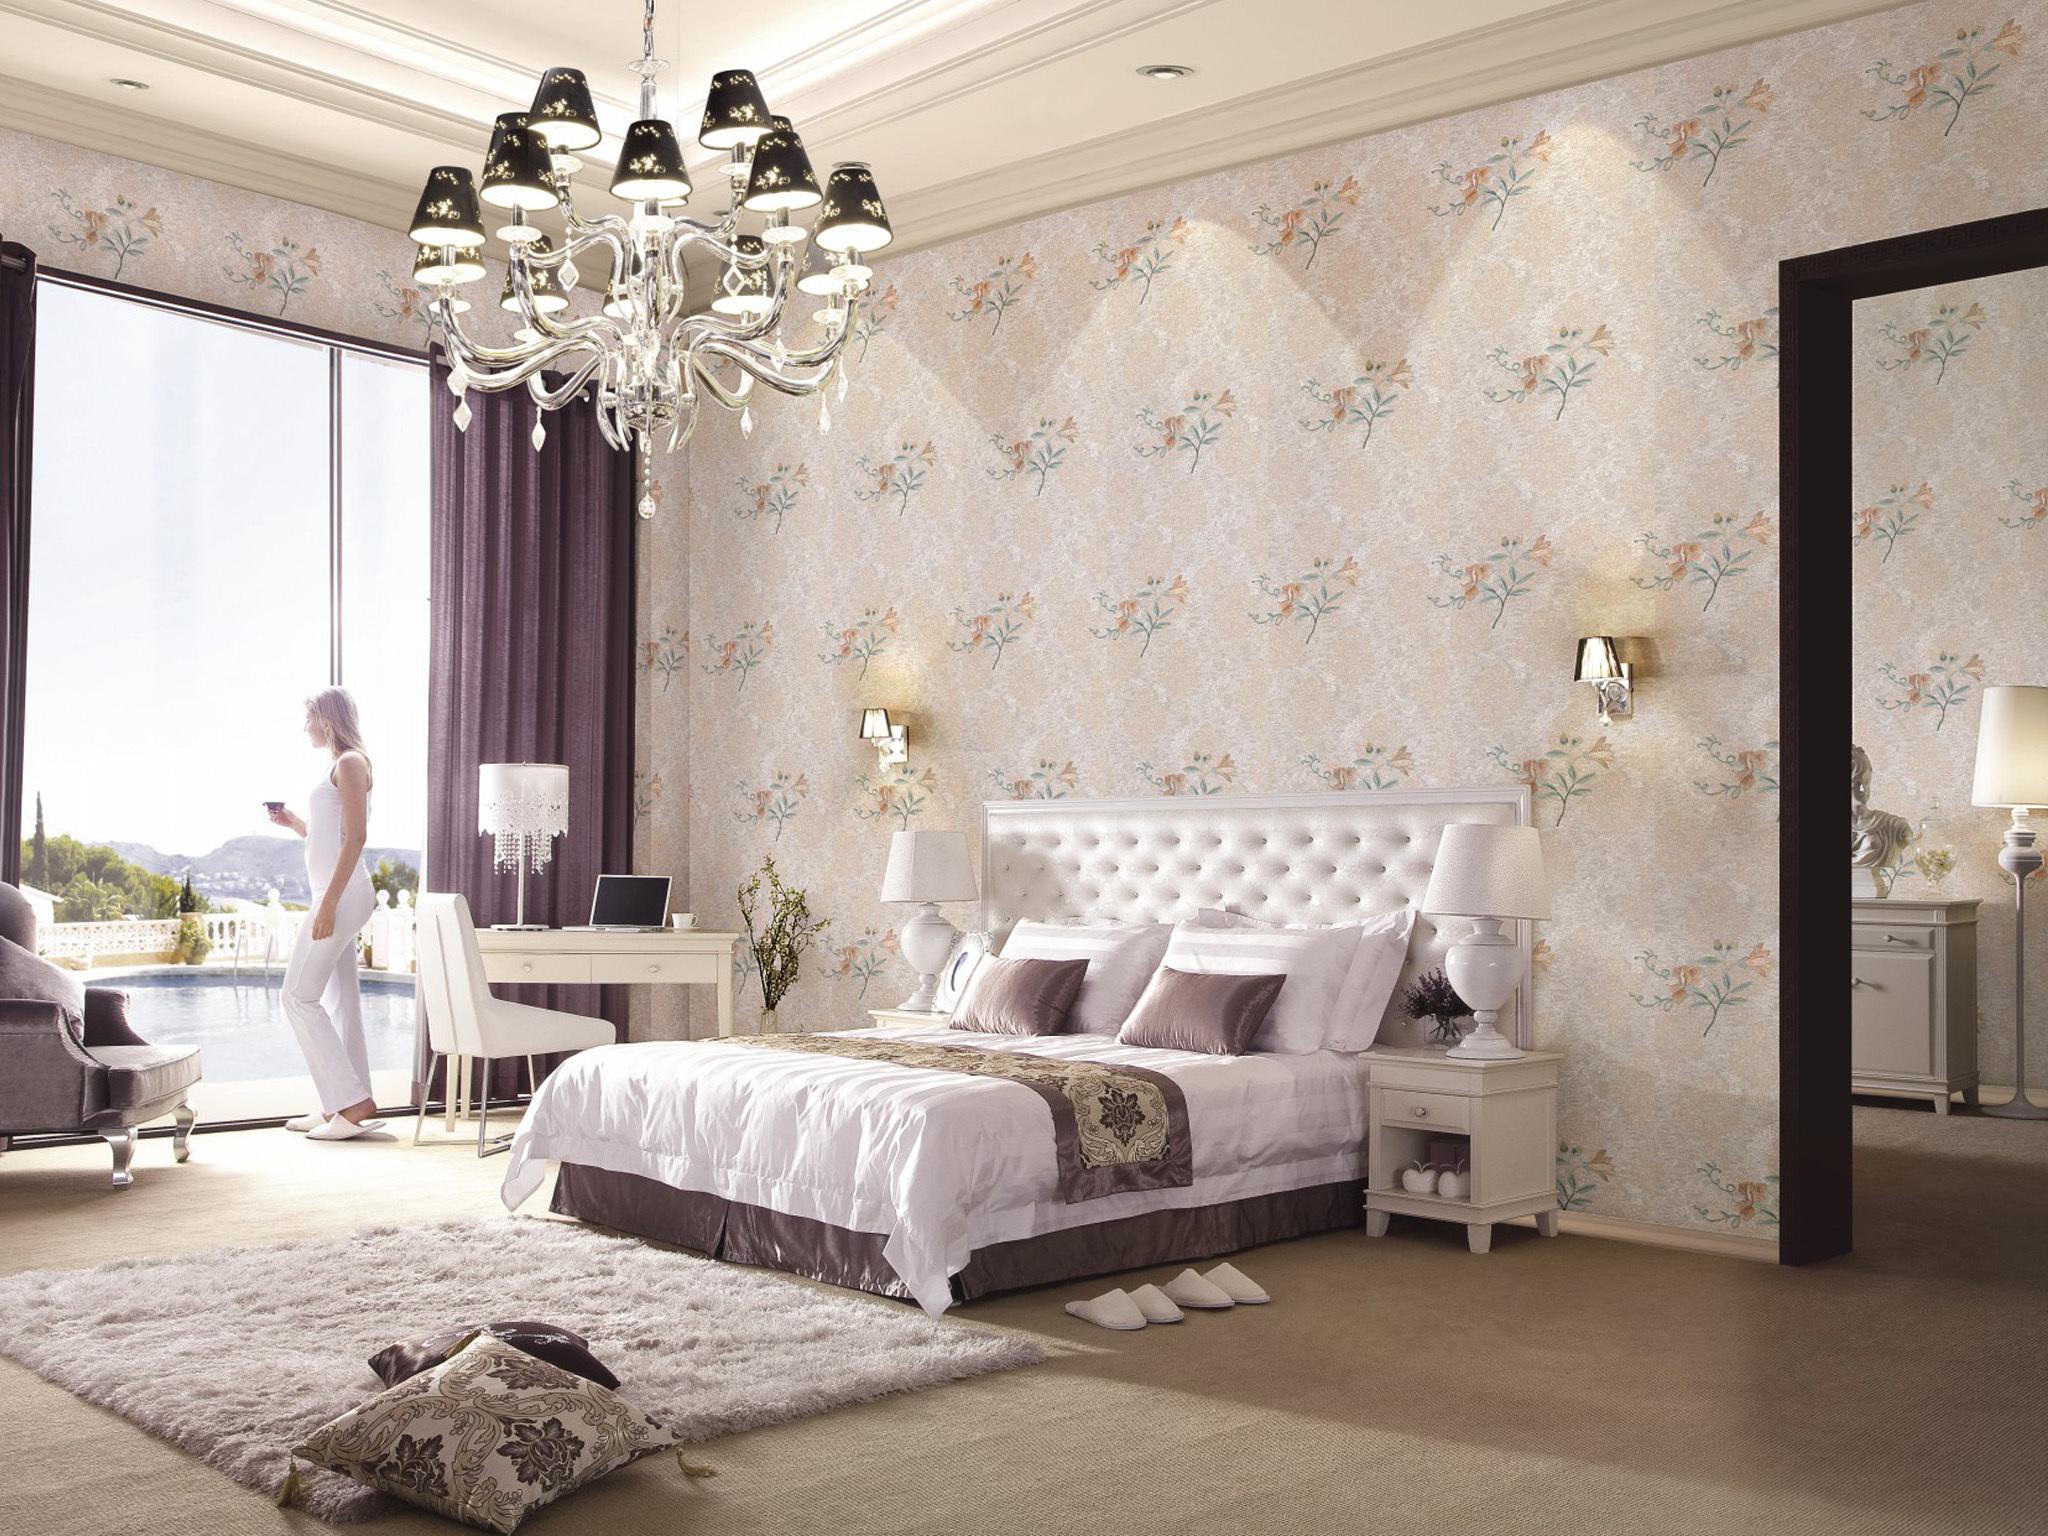 【包邮】无缝墙布 3d立体高密度刺绣 卧室电视背景墙欧式高档壁布